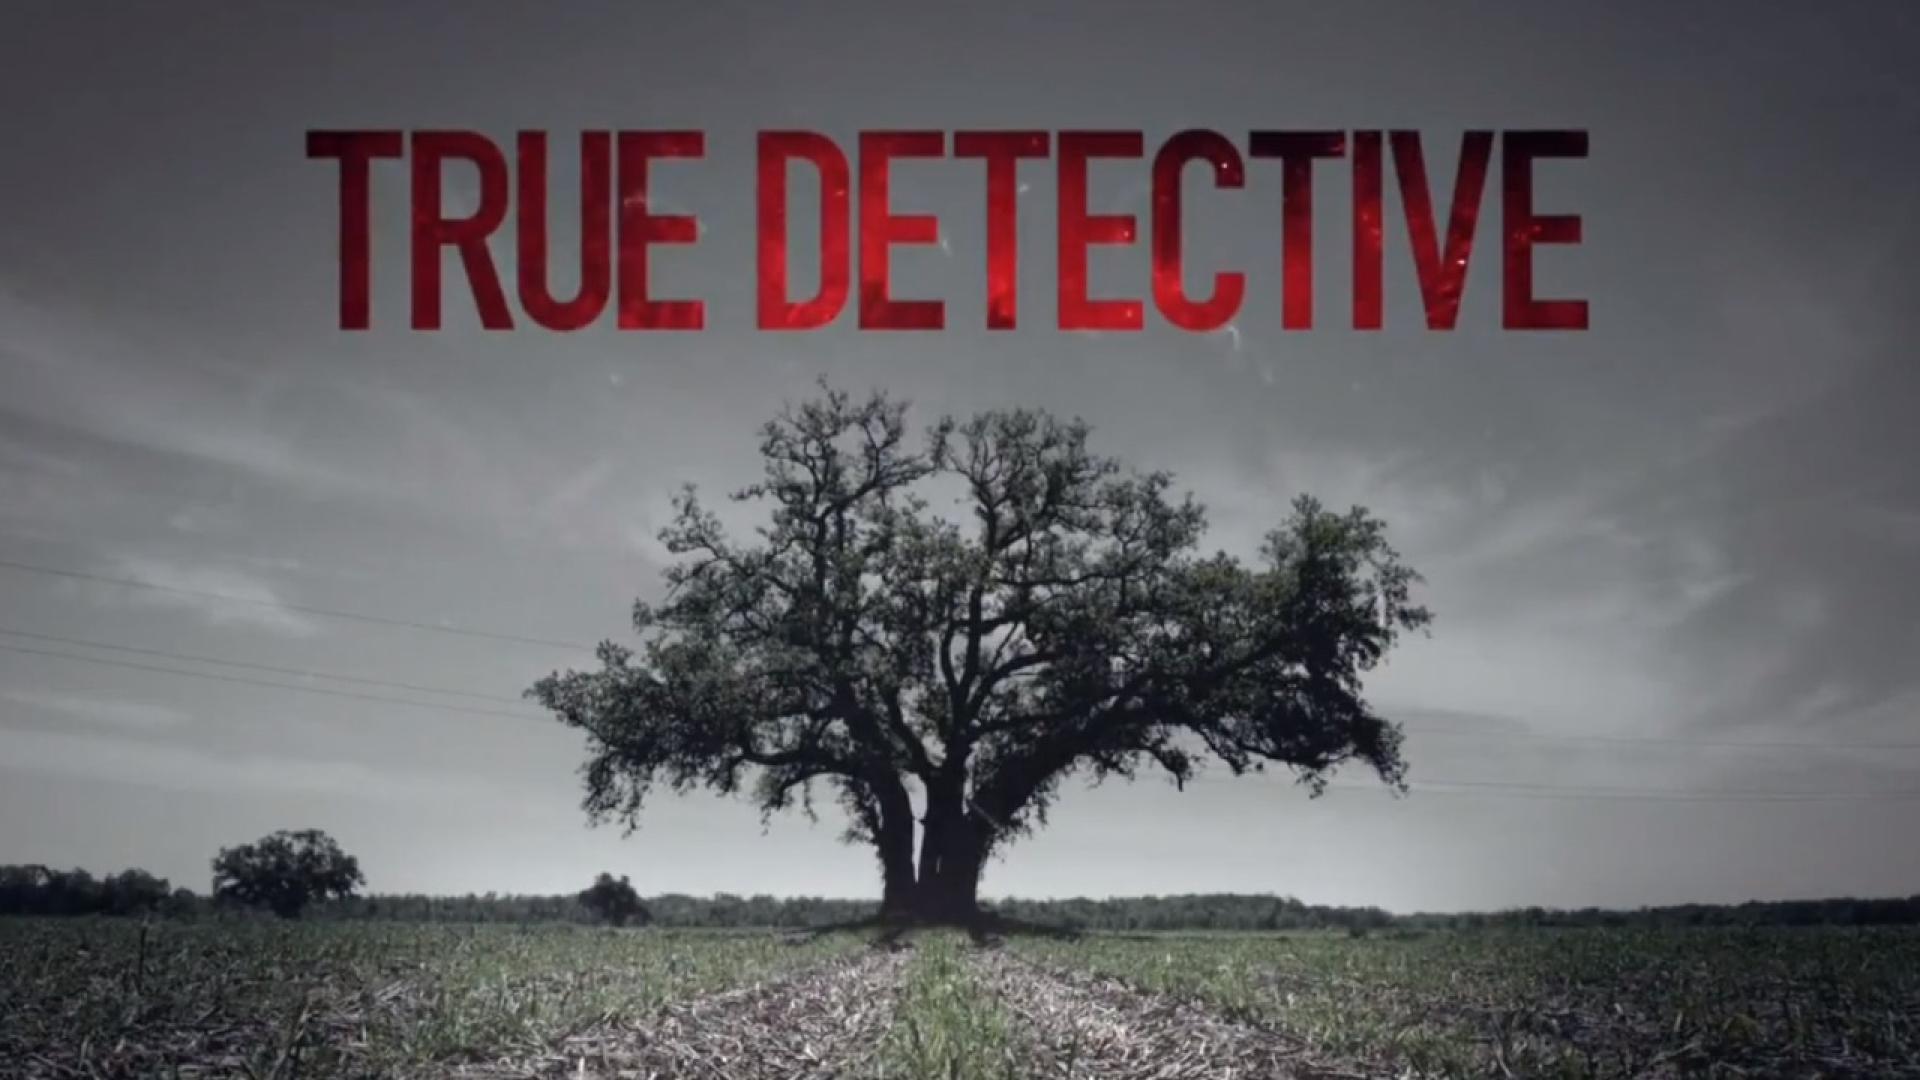 Alakul a True Detective / A törvény nevében harmadik évada